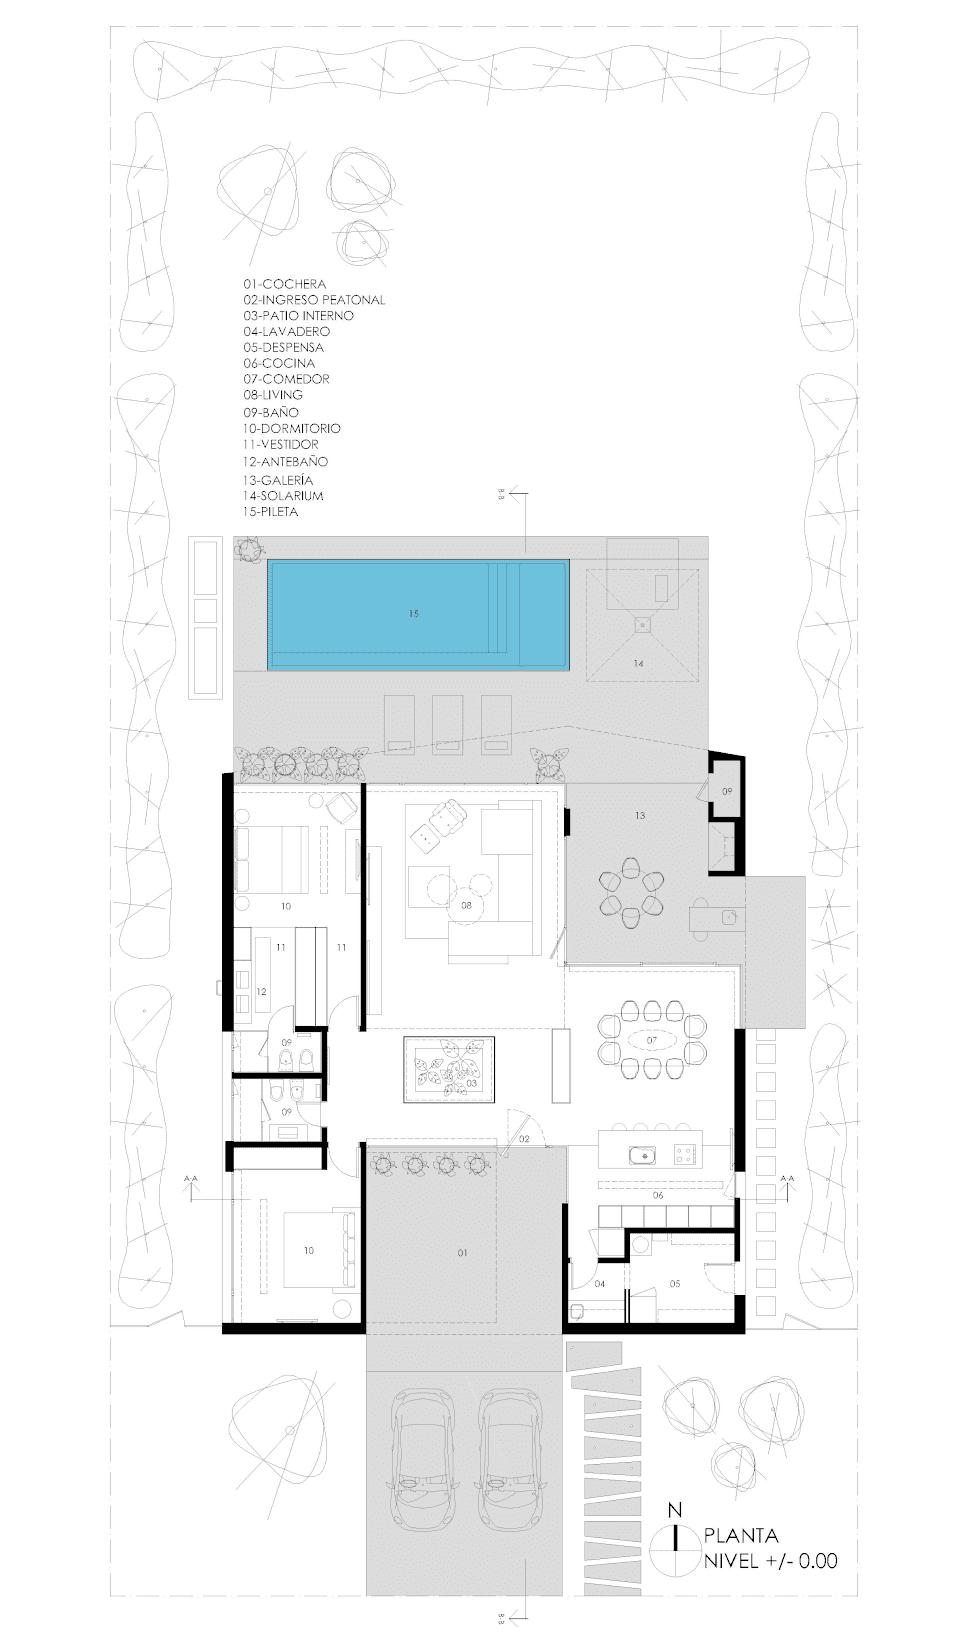 Casa minimalista una planta plano de casa minimalista de for Vivienda minimalista planos